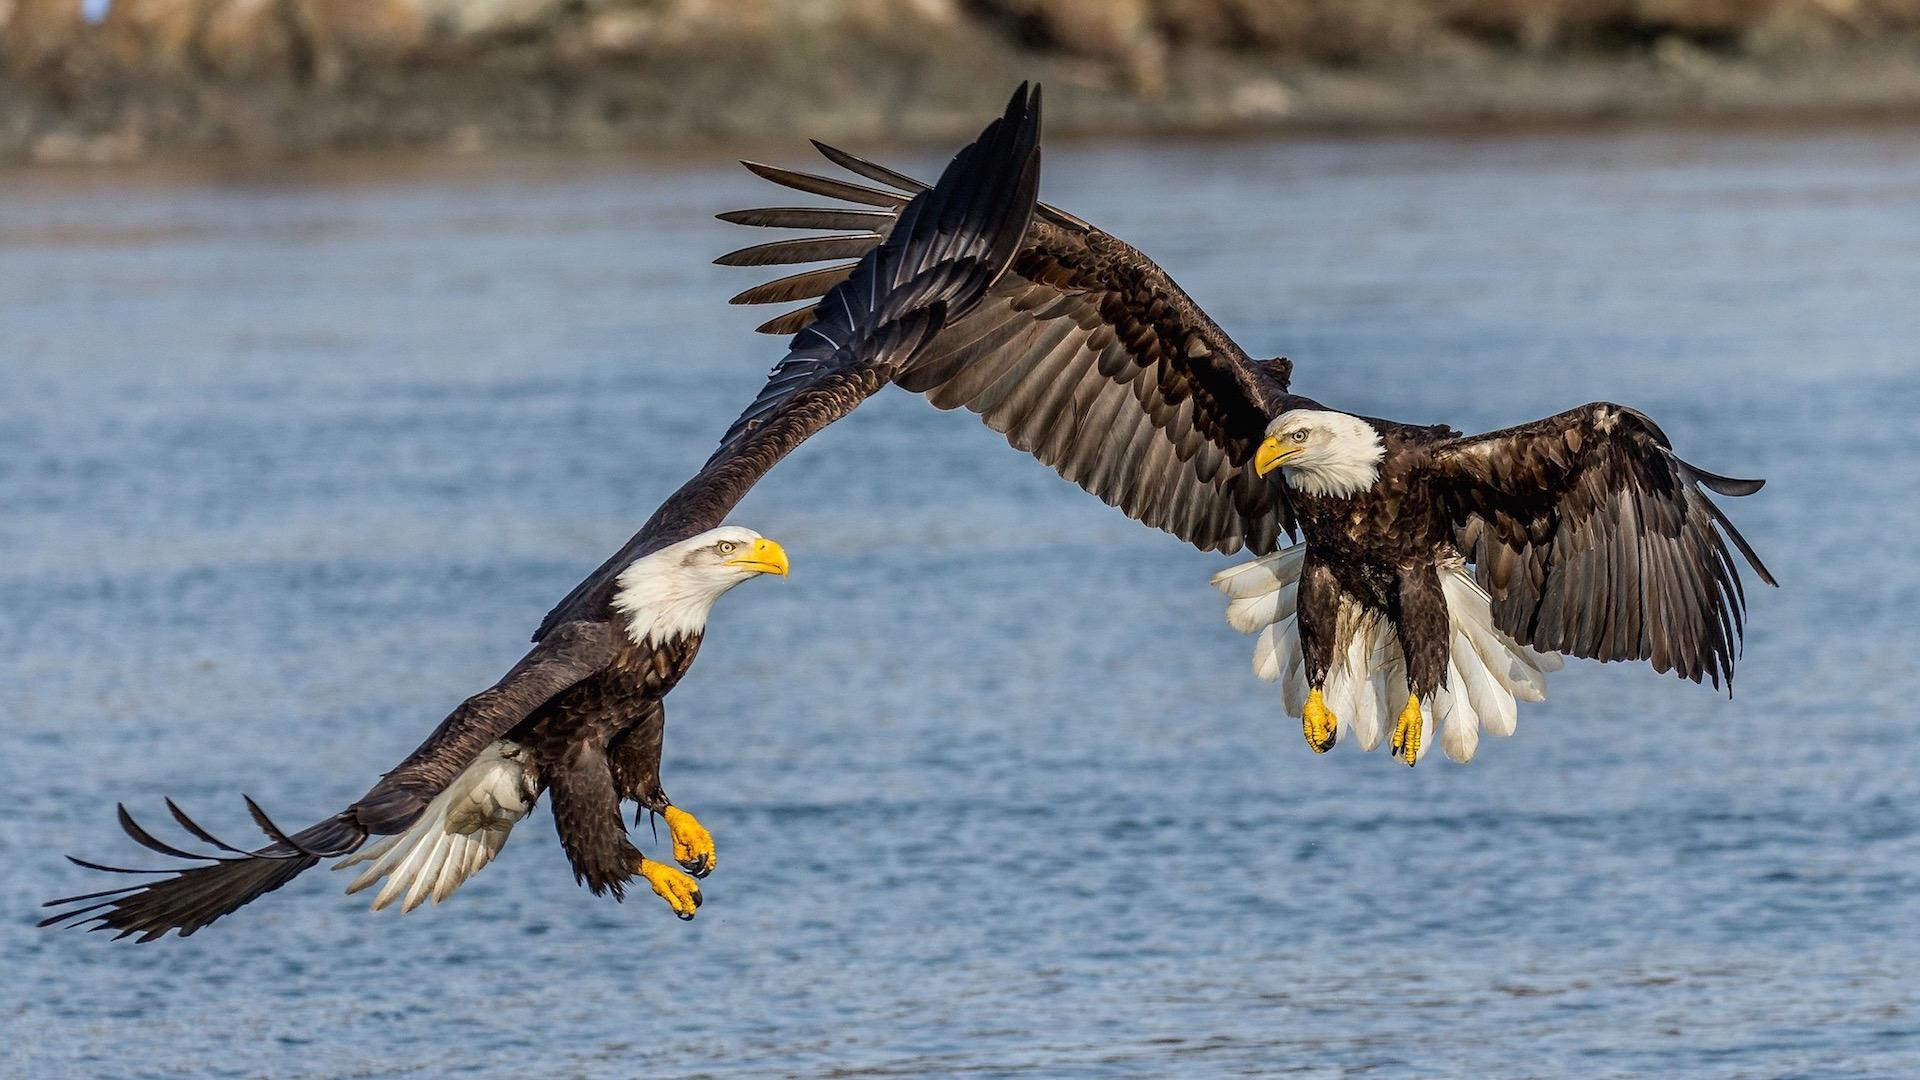 Смерть от воды. Биологи четверть века искали убийцу орланов в Арканзасе — и, наконец, нашли